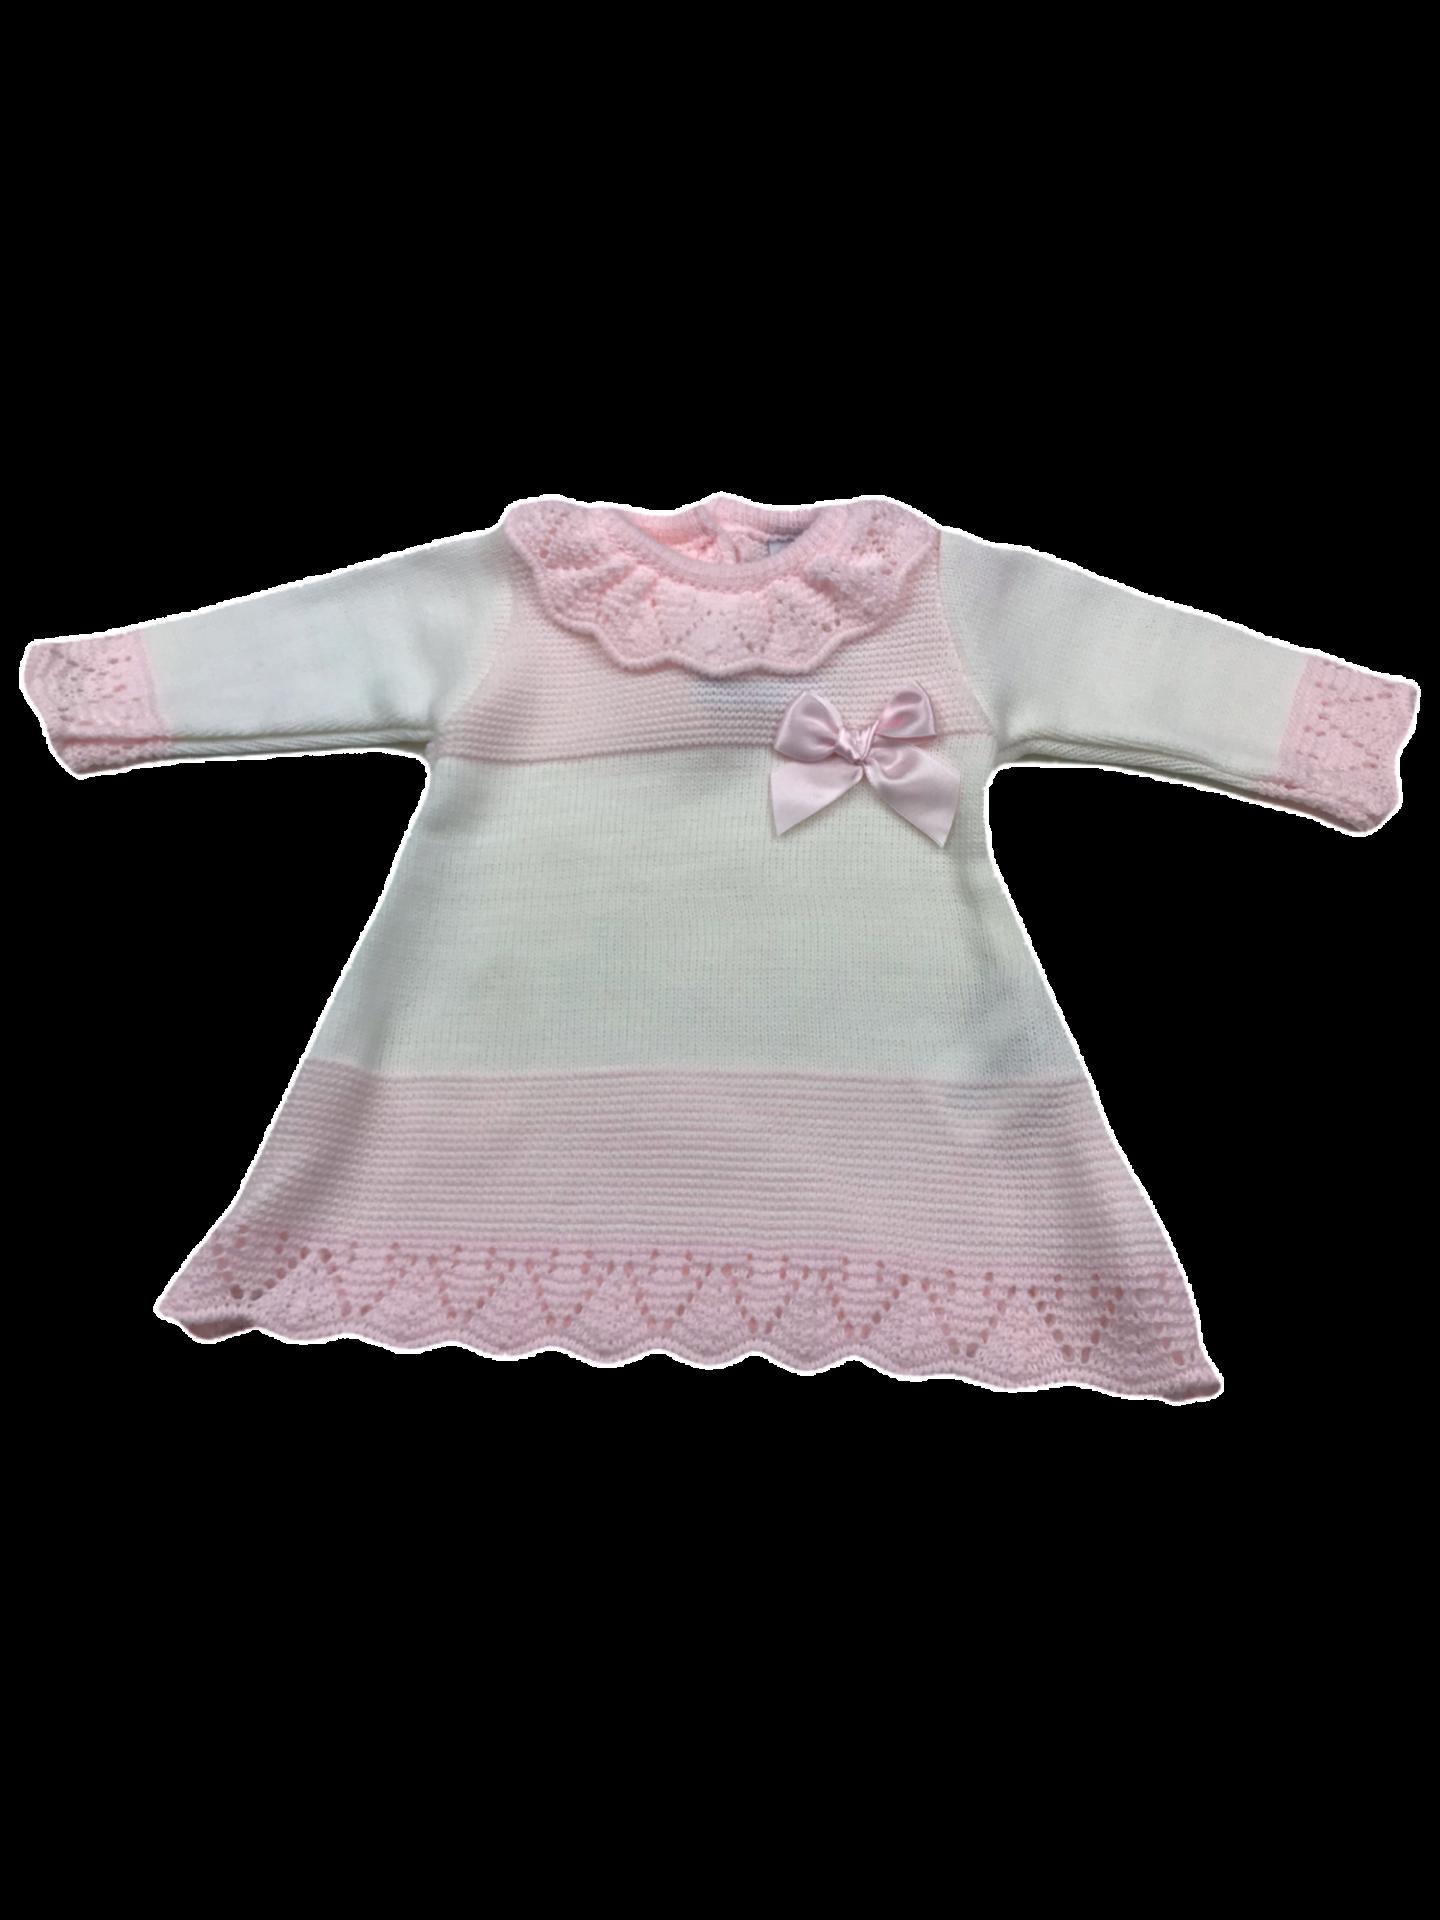 Vestido de punto de primera puesta en rosa y blanco